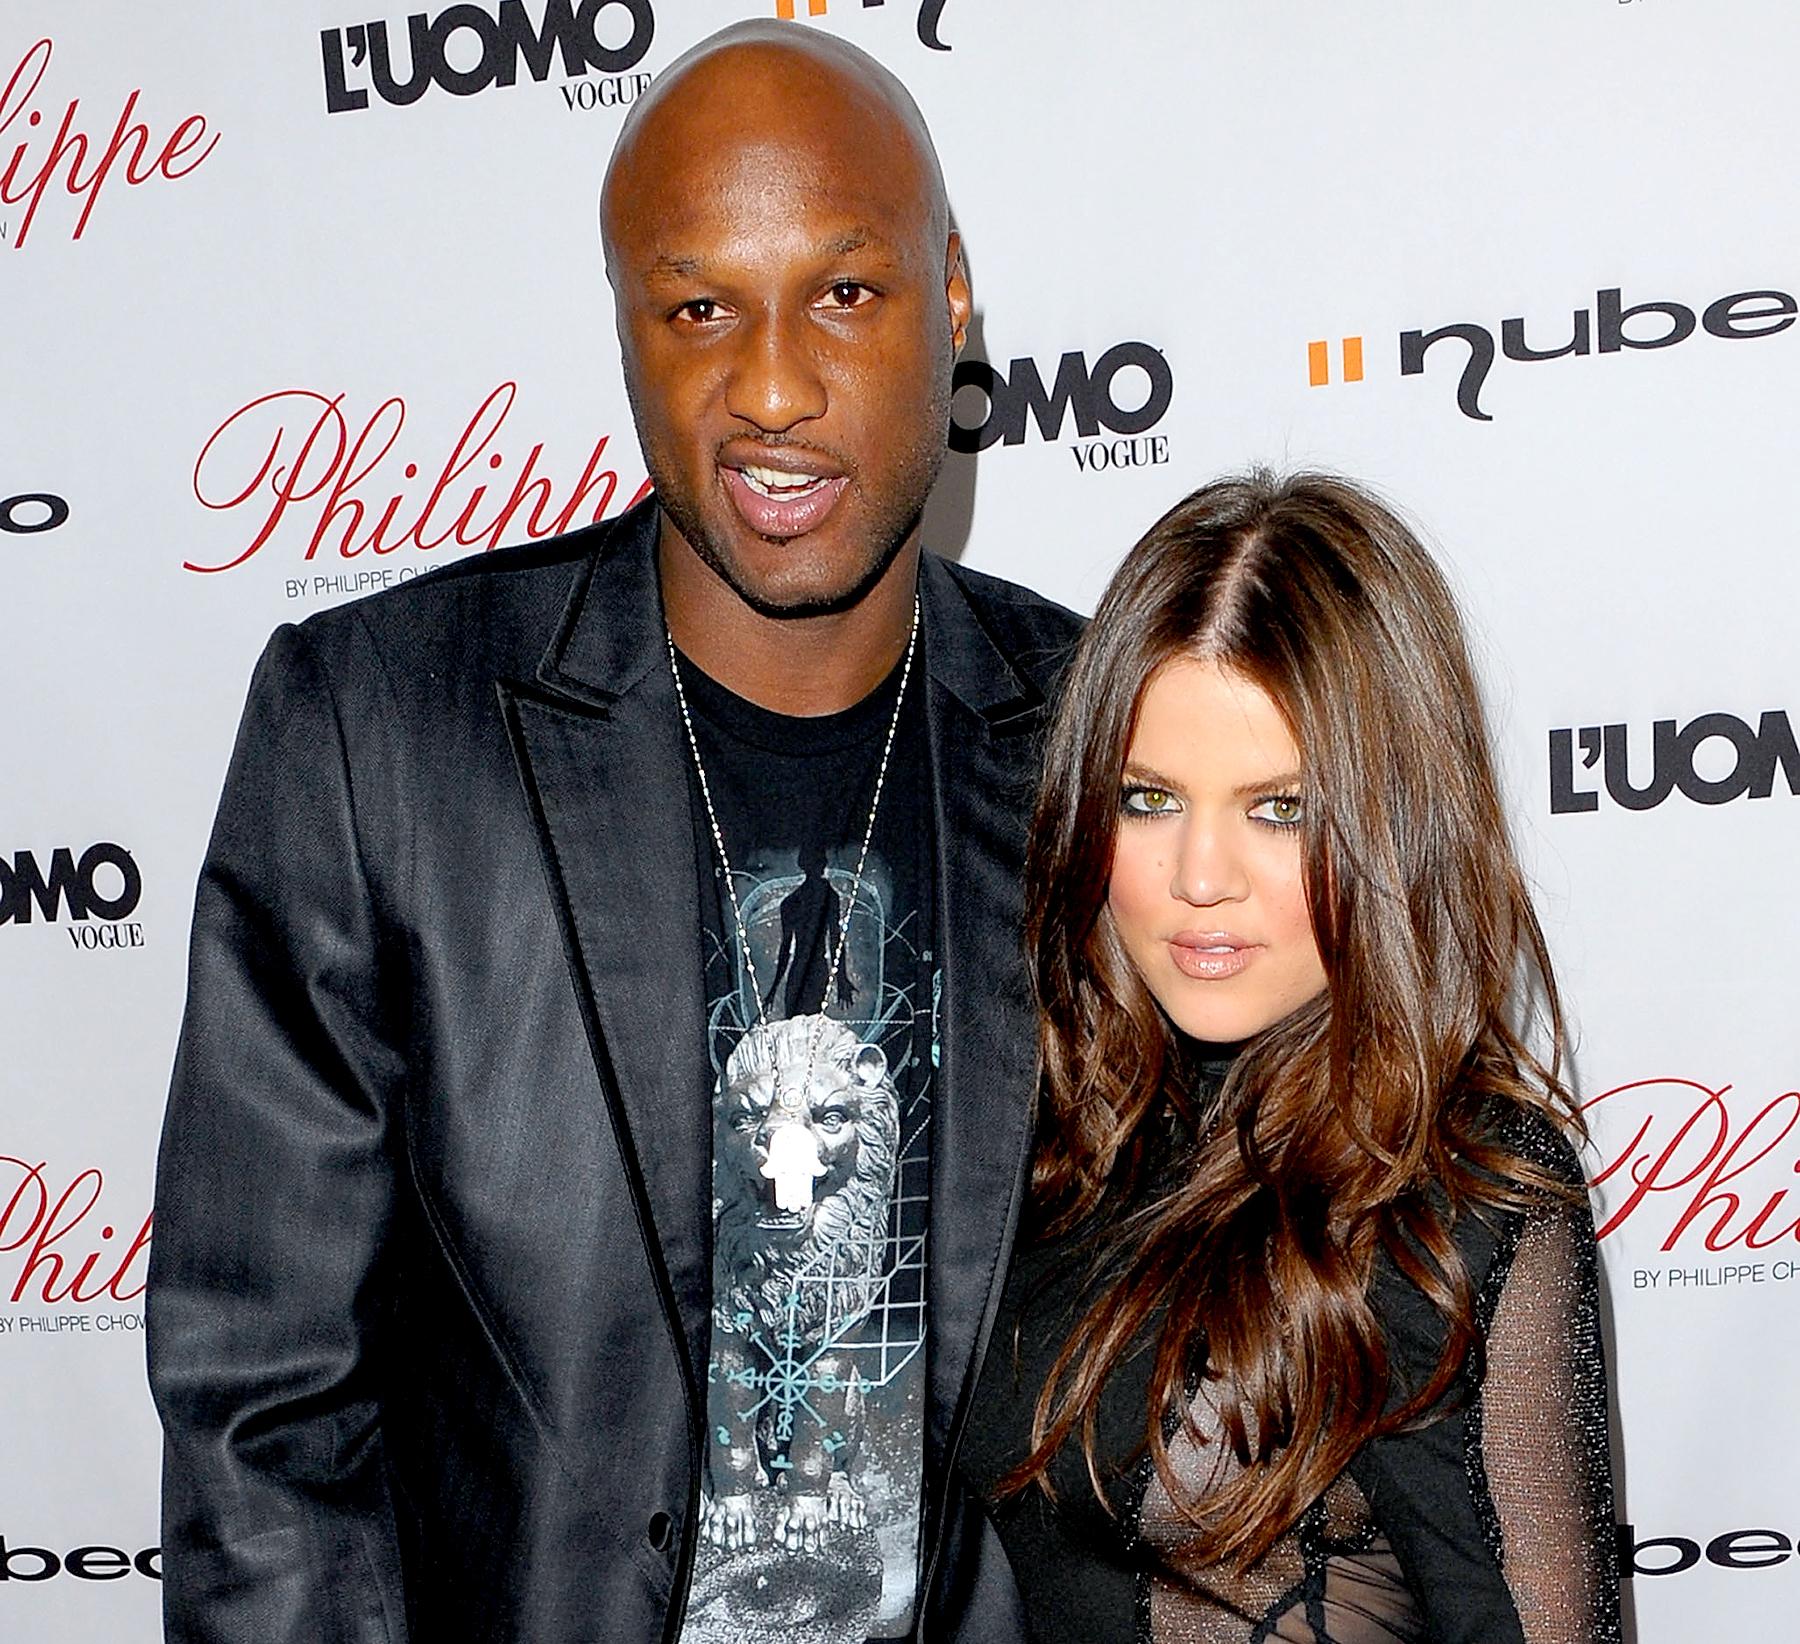 celebrity breakups Khloe Kardashian Lamar Odom